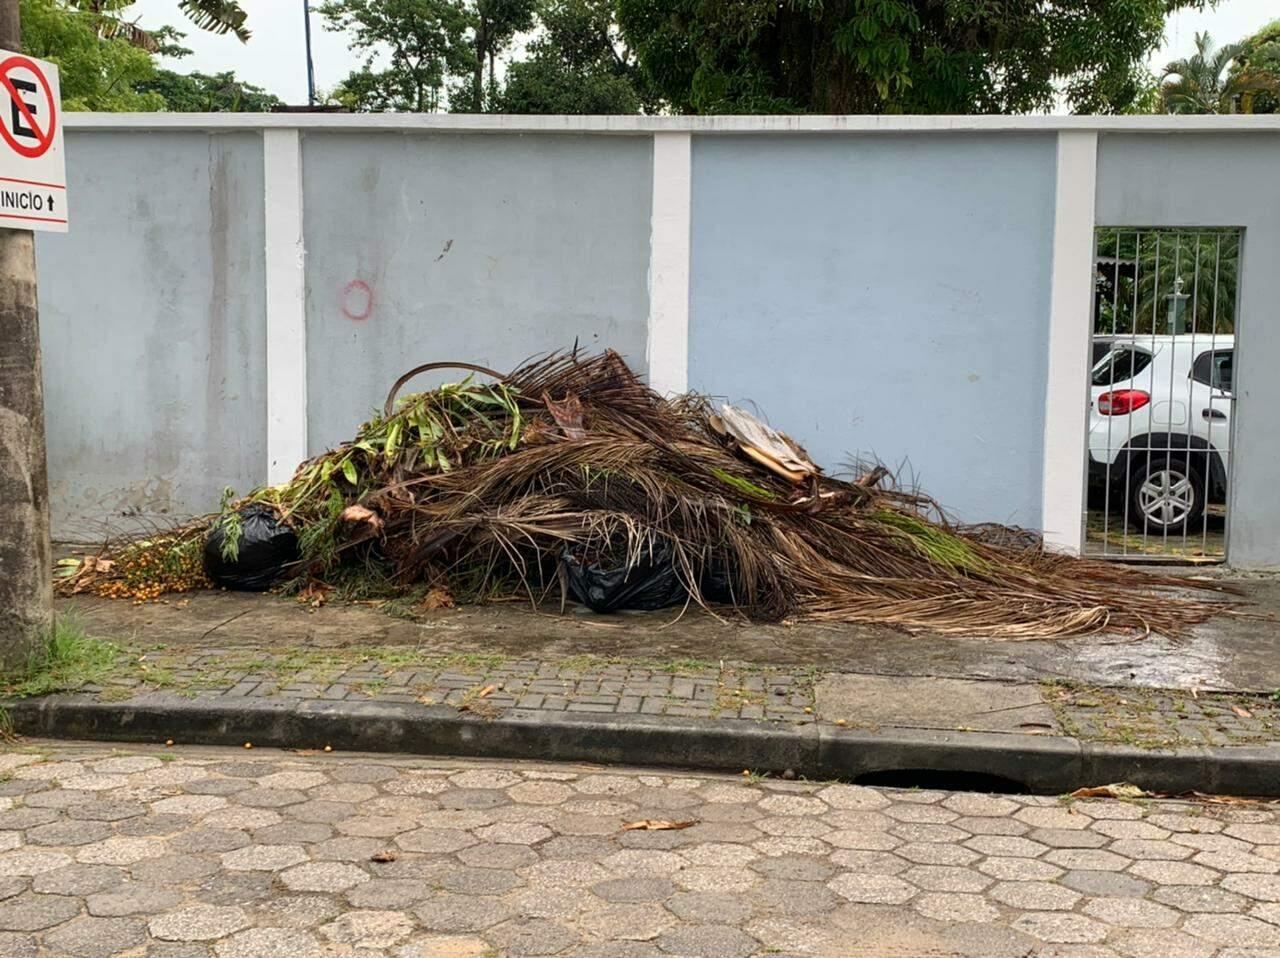 Descarte incorreto de entulhos e podas nas calçadas acarreta multa de R$ 500,00